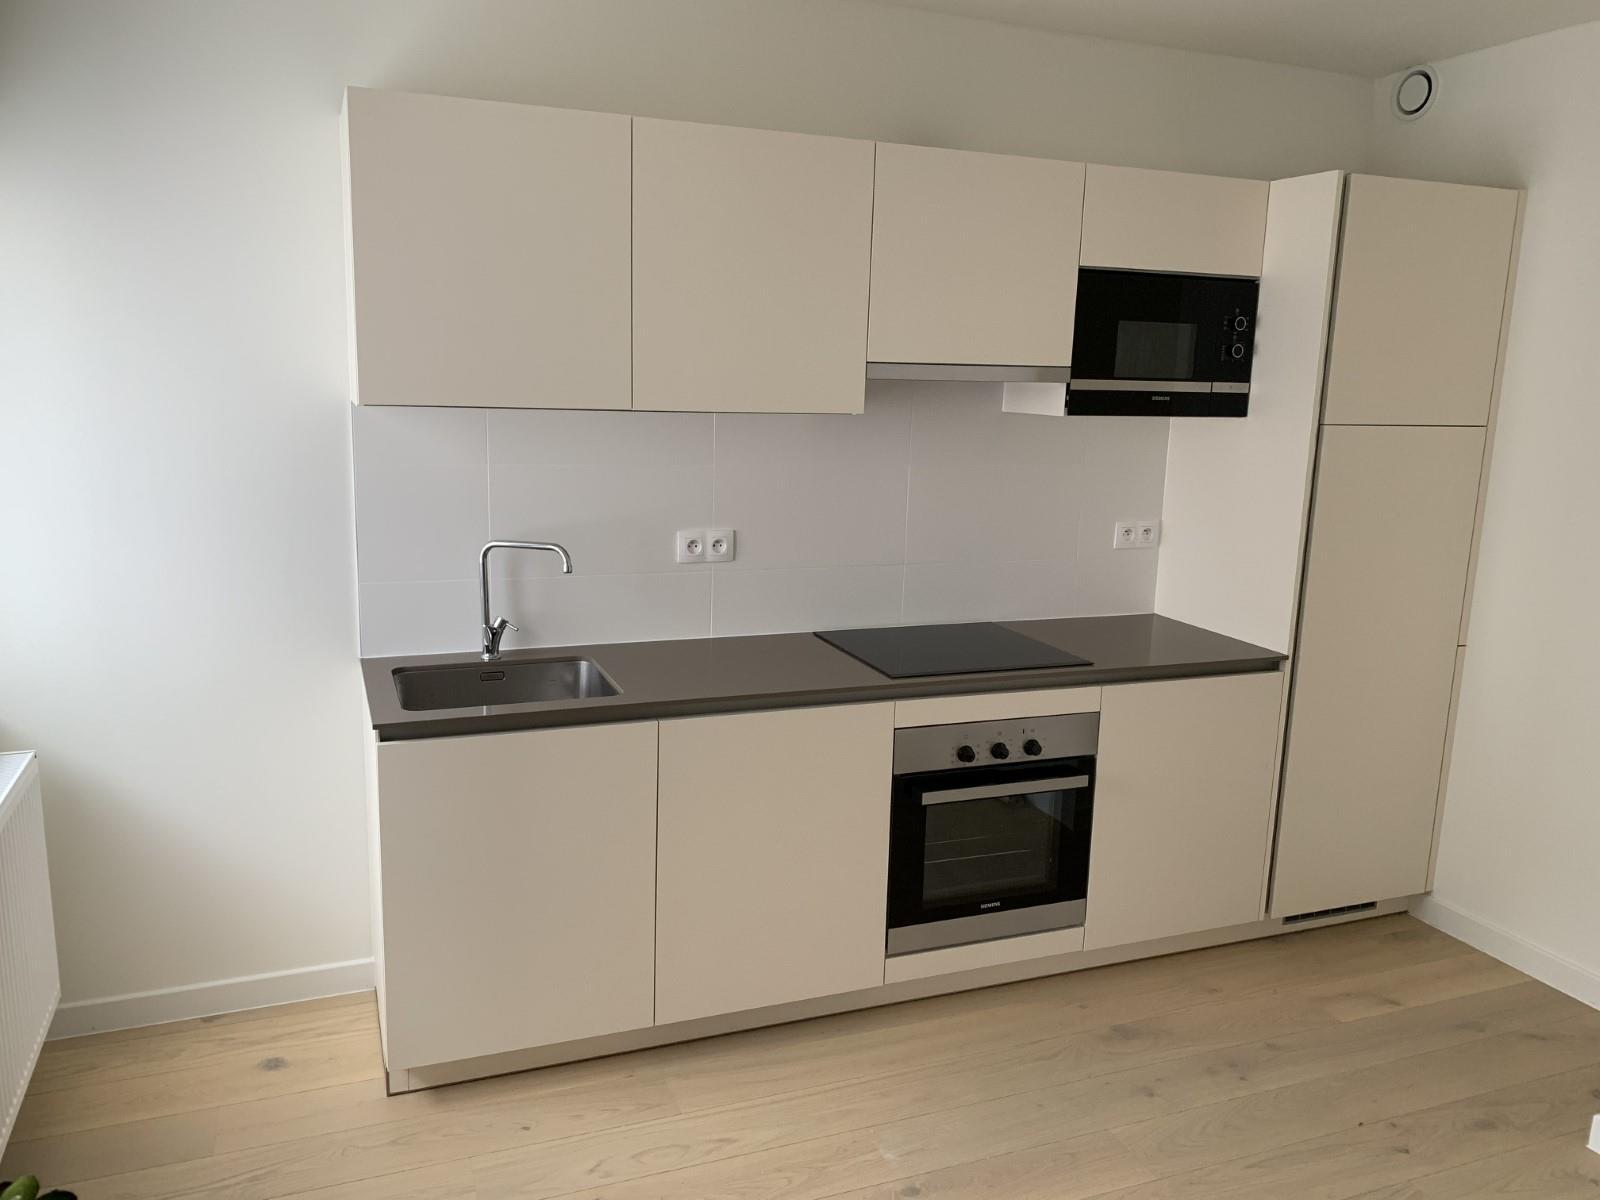 Appartement exceptionnel - Schaerbeek - #3827674-5